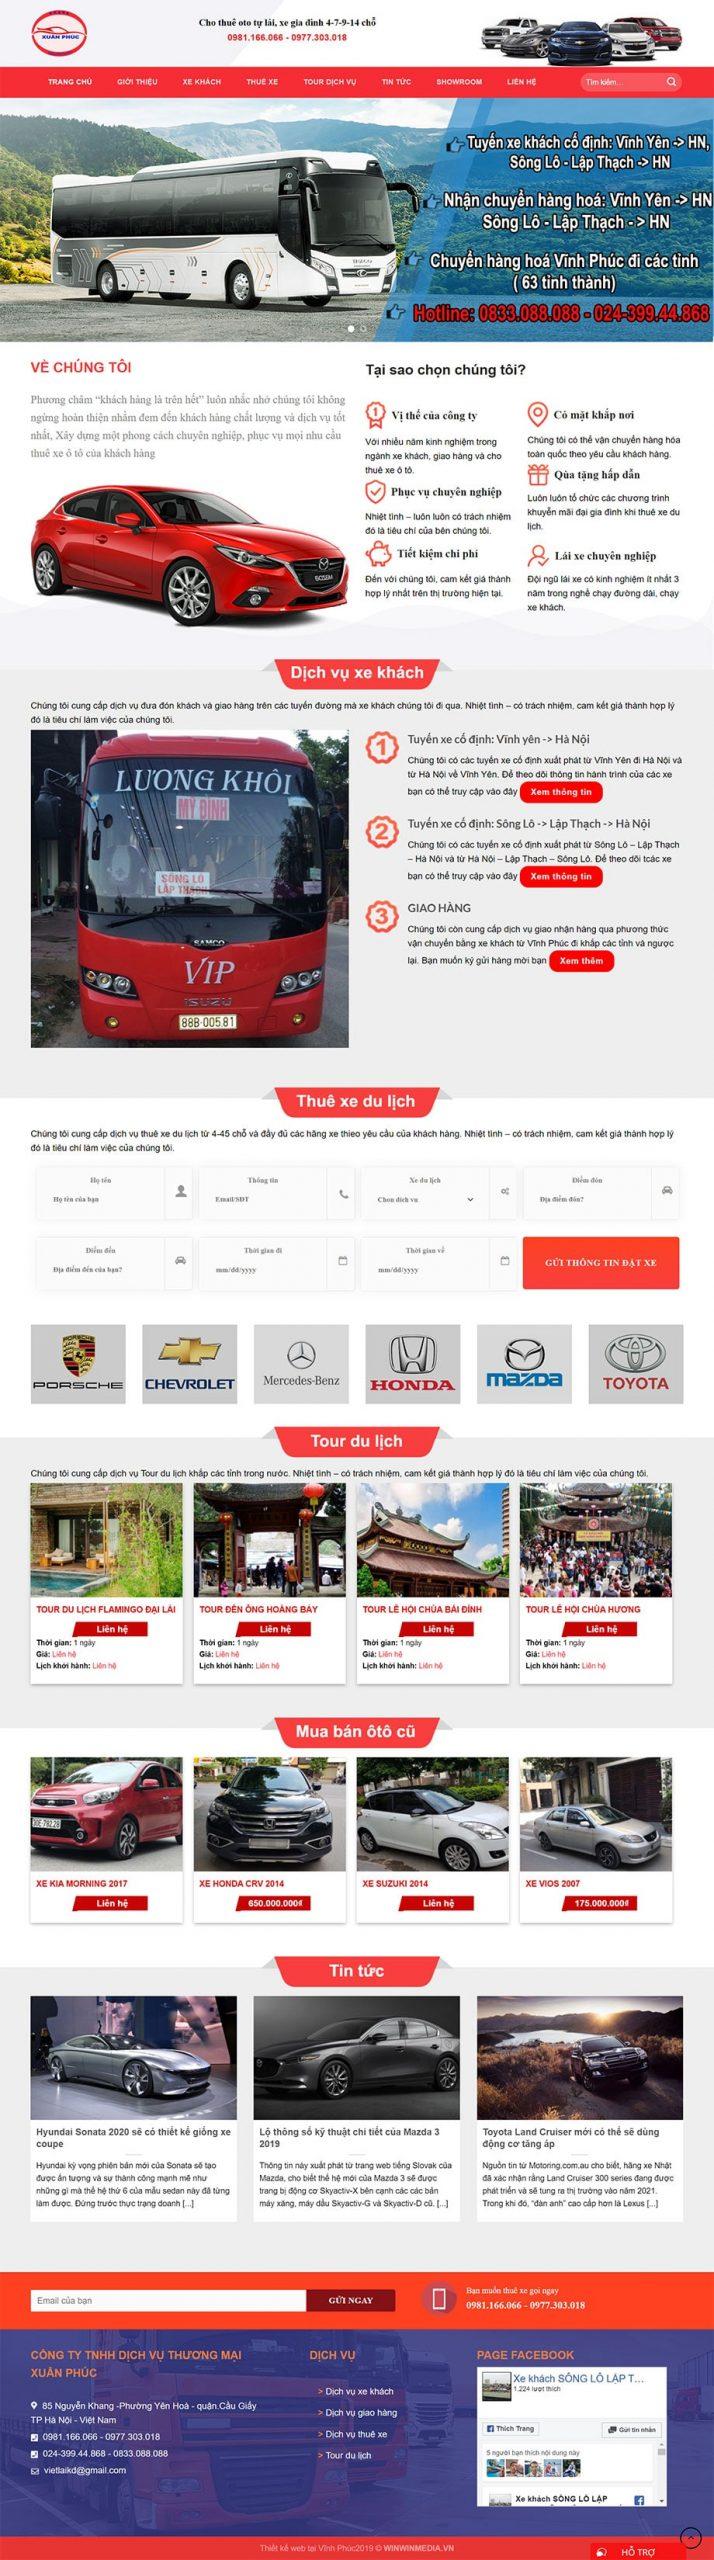 Mẫu website cho thuê xe ô tô tự lái